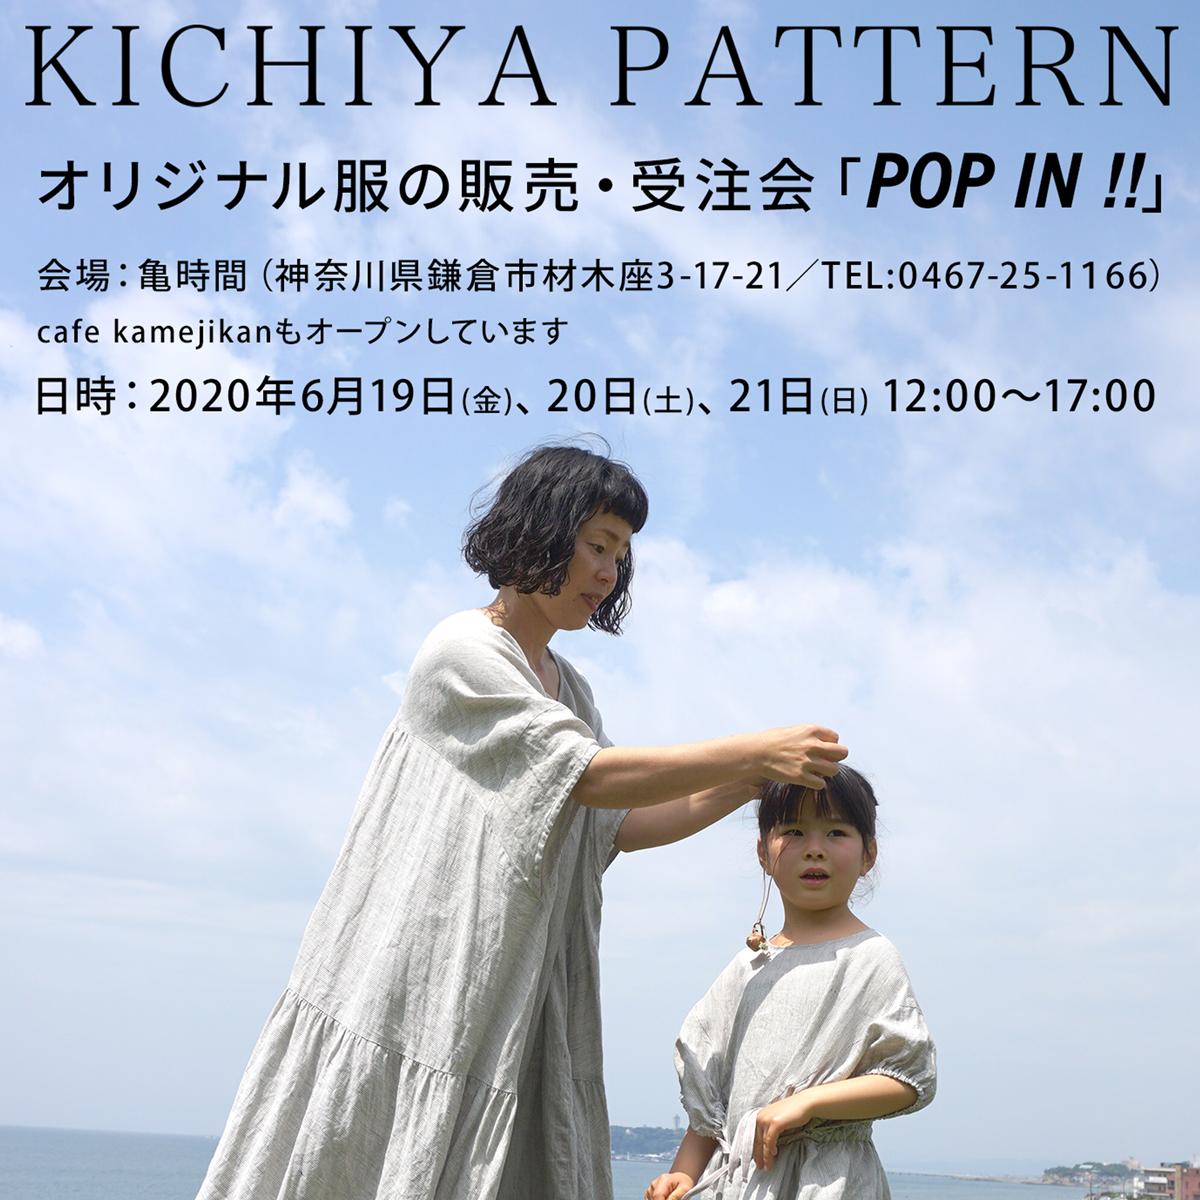 2020年6月19日(金)~21日(日)「POP IN!!」KICHIYA PATTERN オリジナル服の販売・受注会